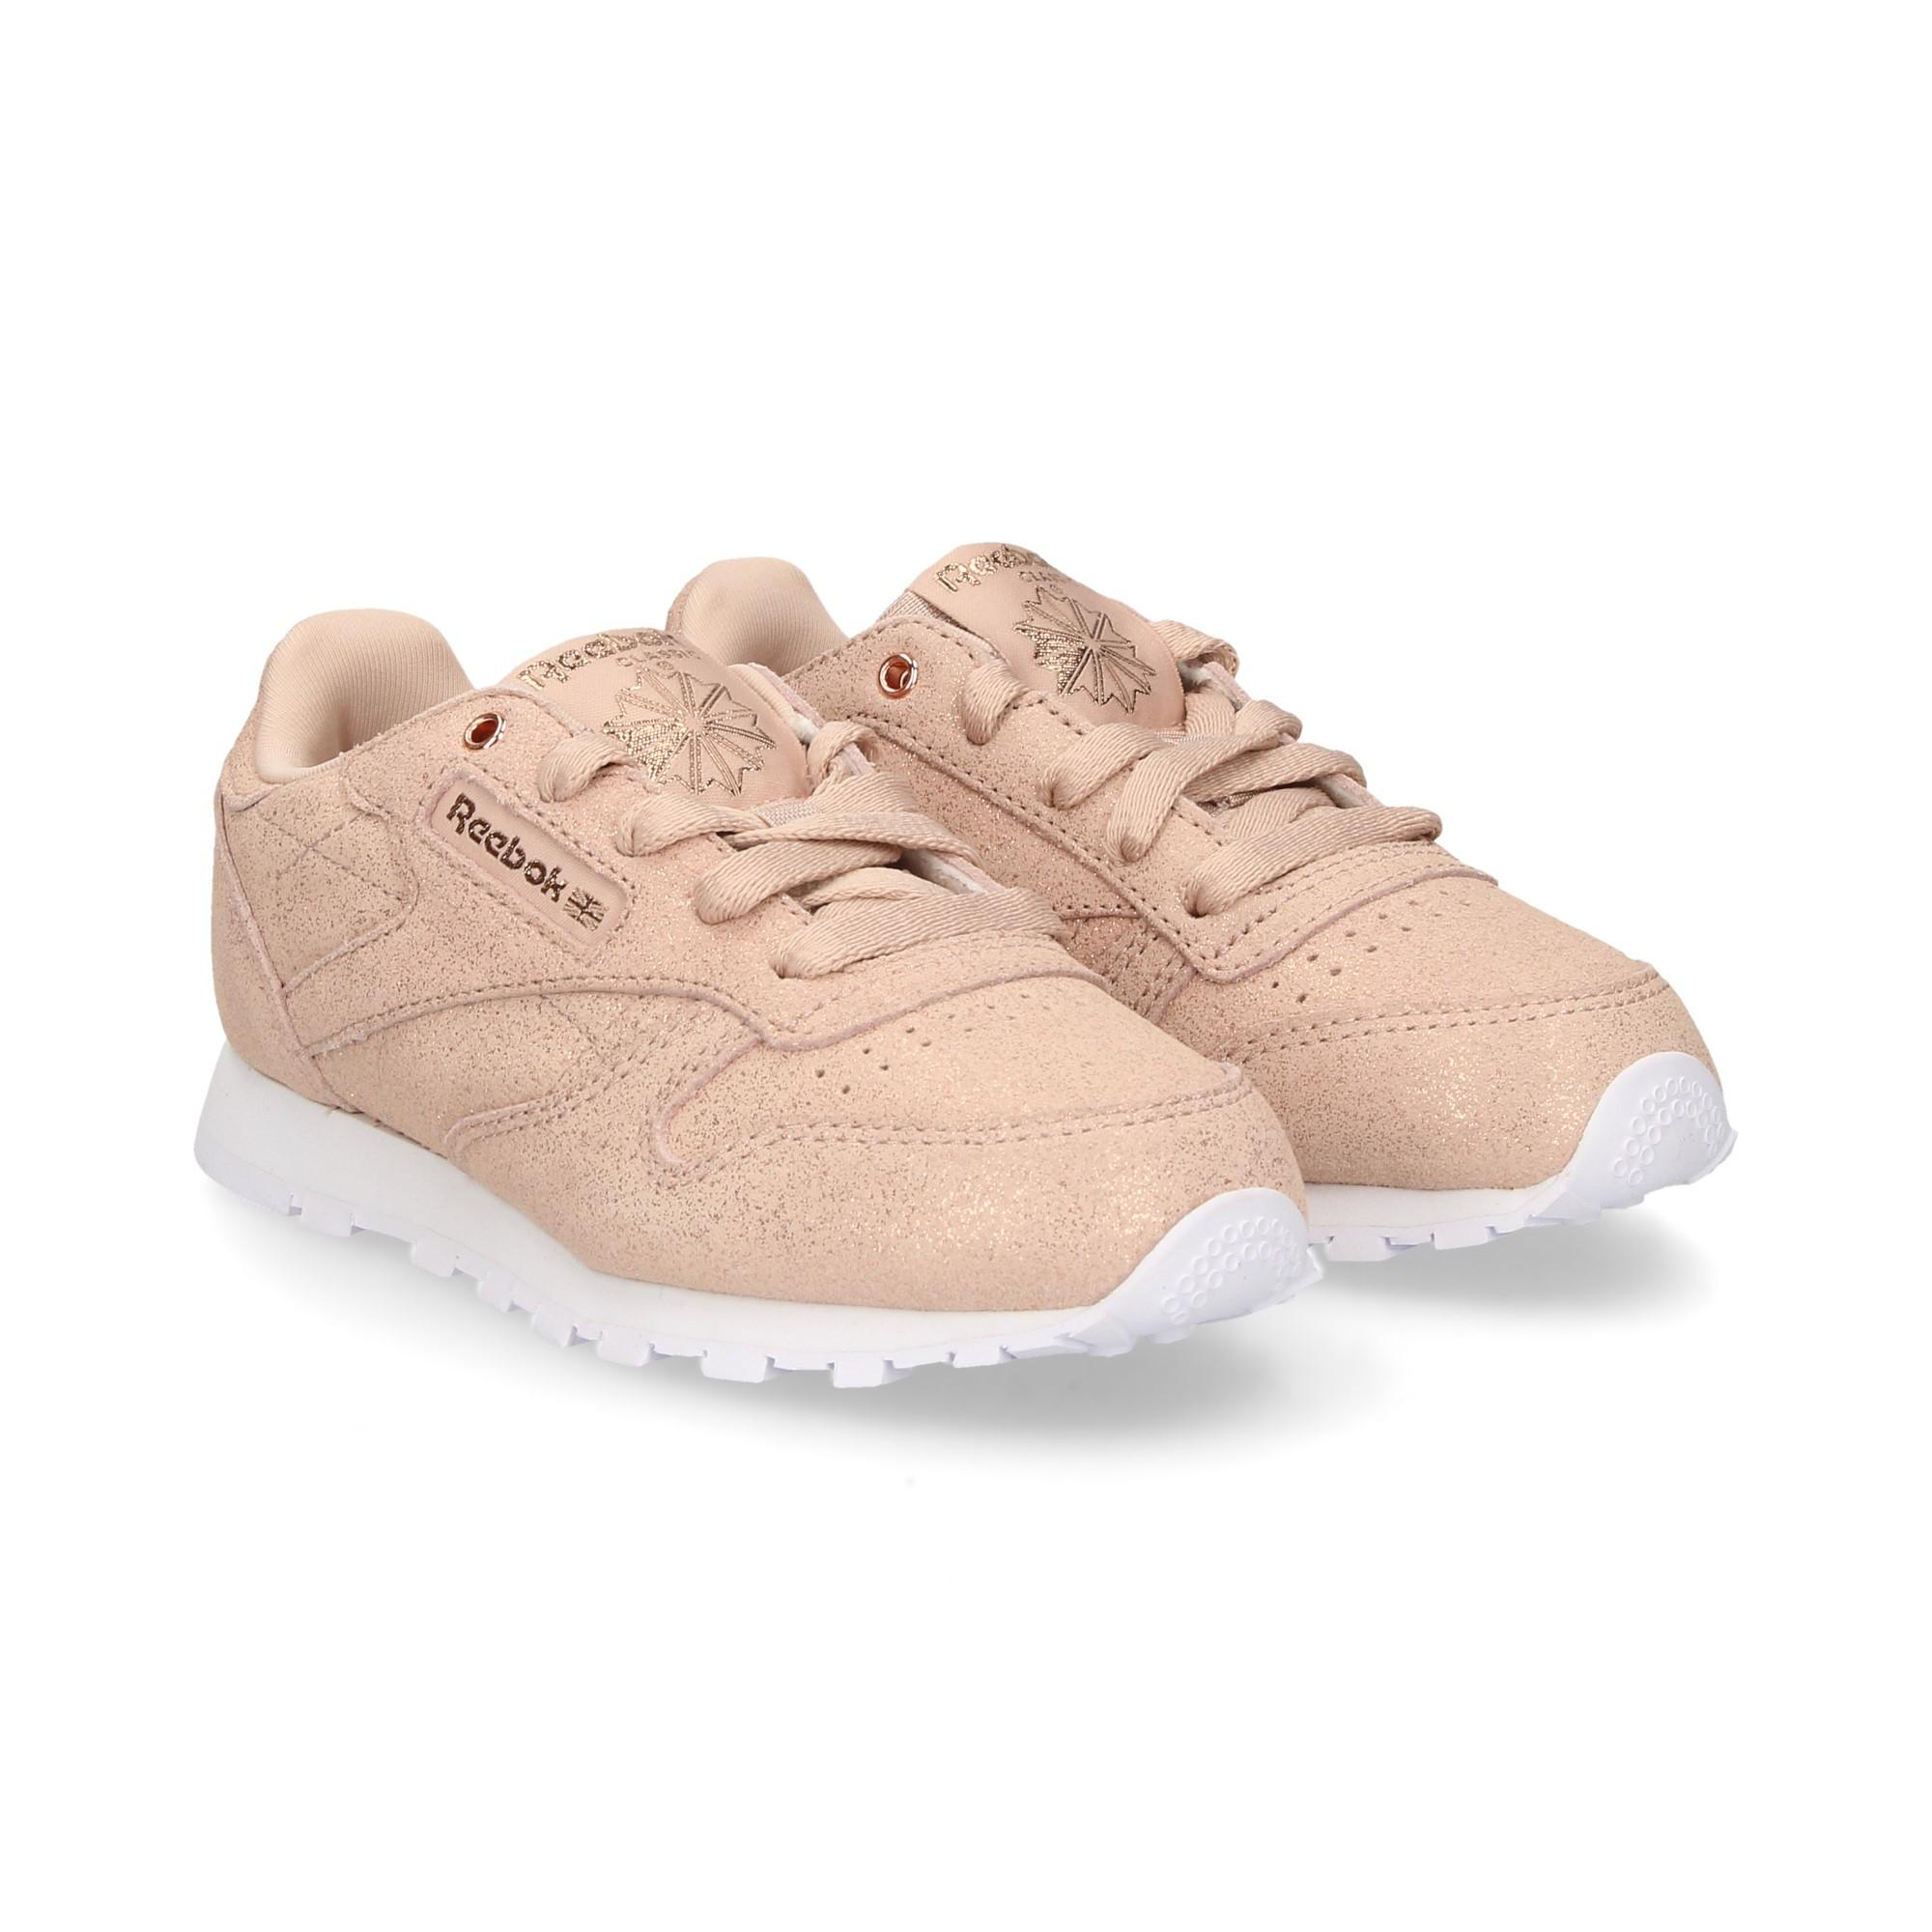 best loved 6fa24 cbc94 REEBOK Boys Sneakers CN5589 GOLD/BEIGE/WHT